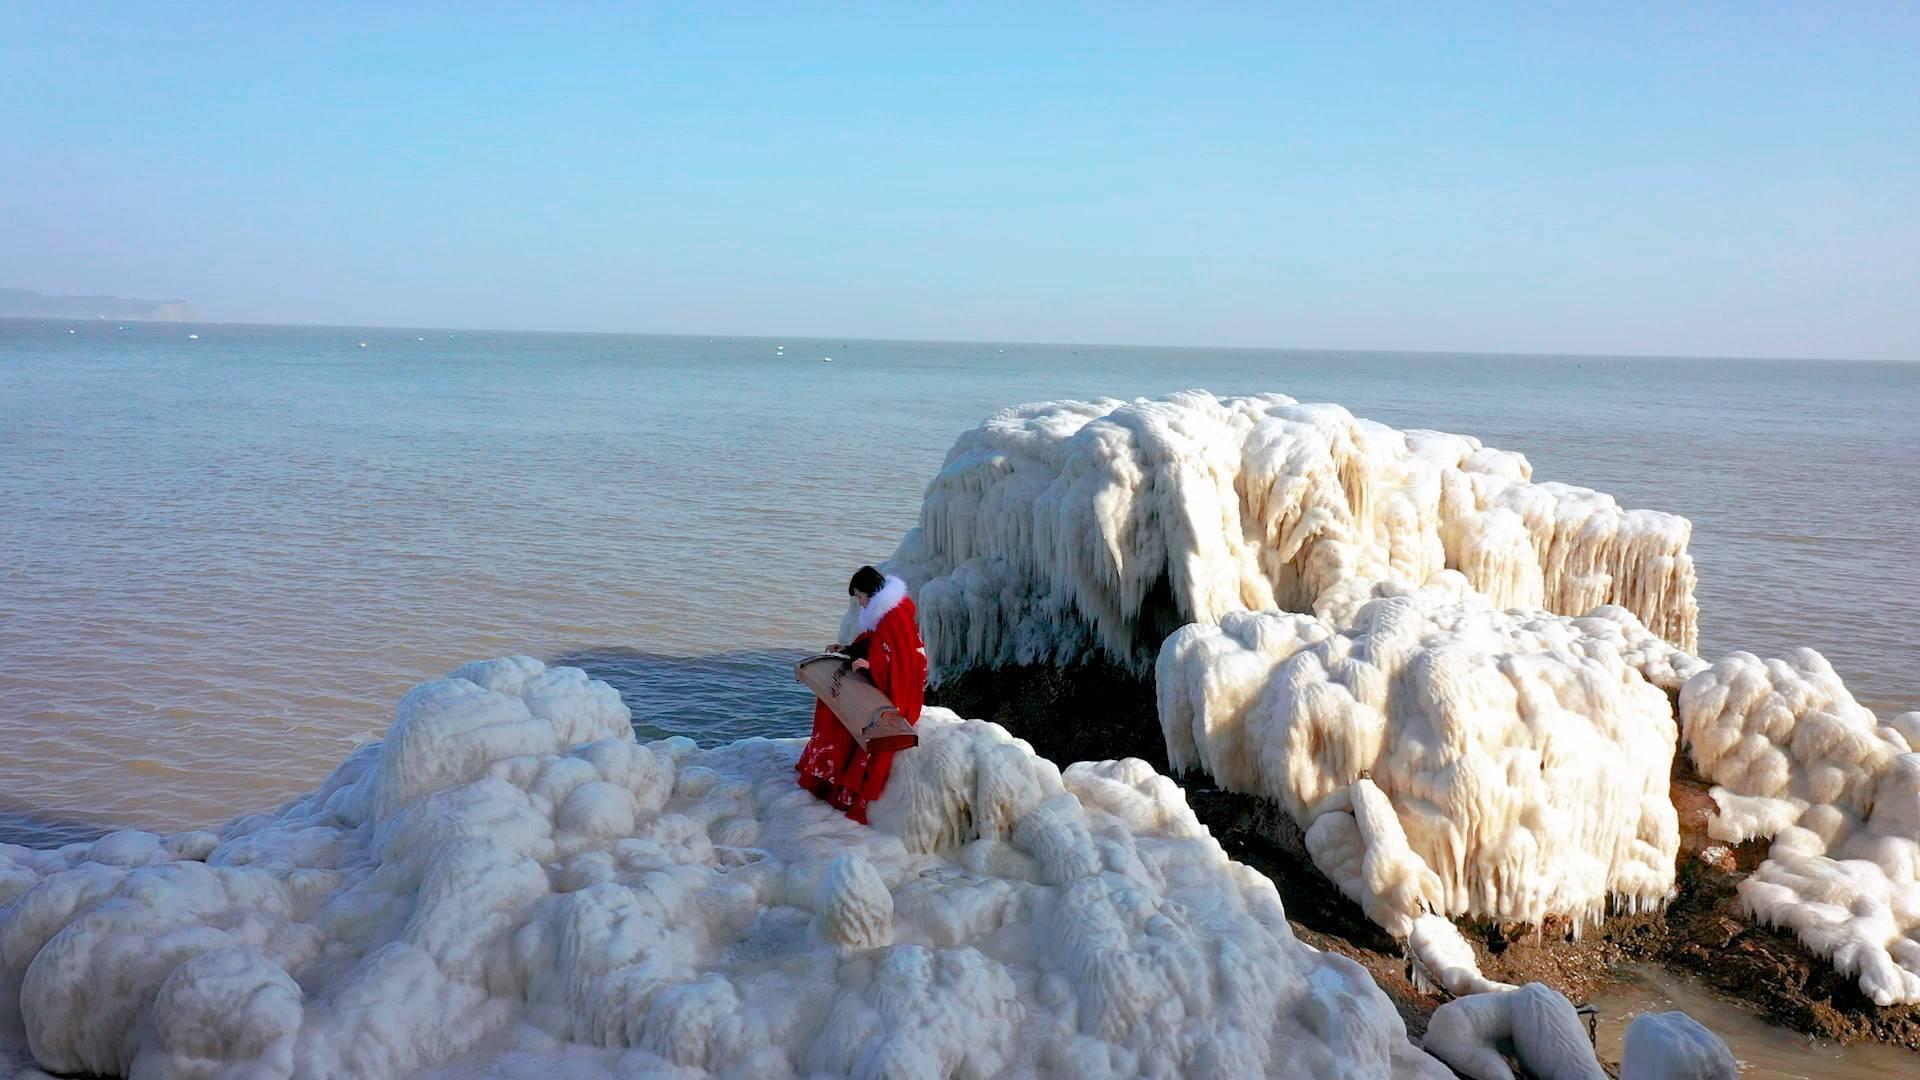 82秒|美轮美奂!寒潮来袭 蓬莱阁后海栈道再现冰凌景观